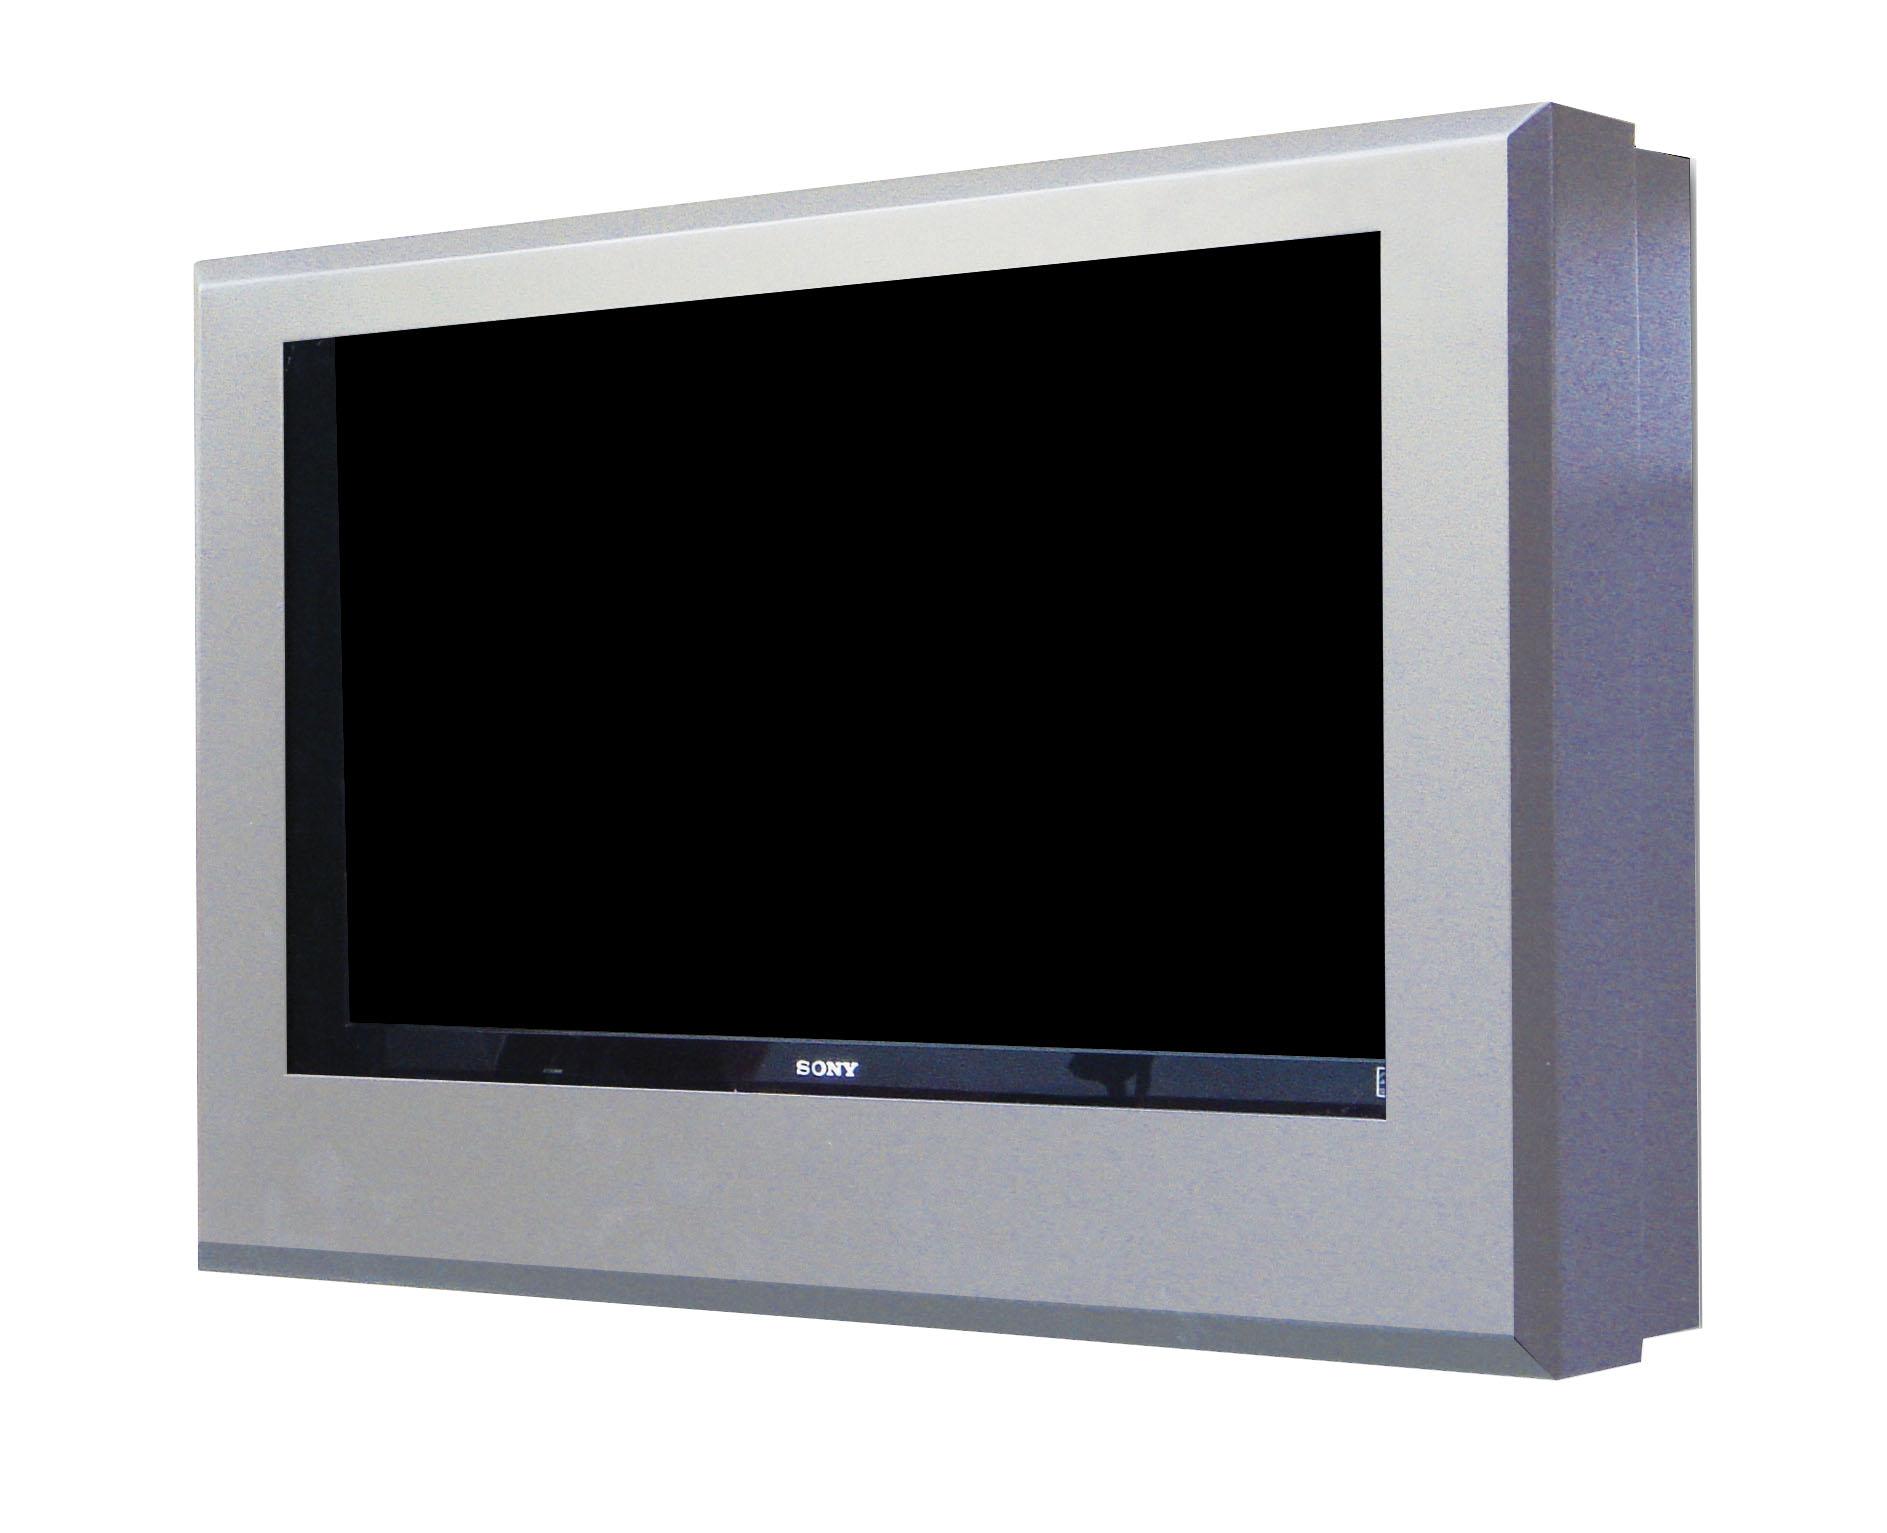 Display Enclosure for 30